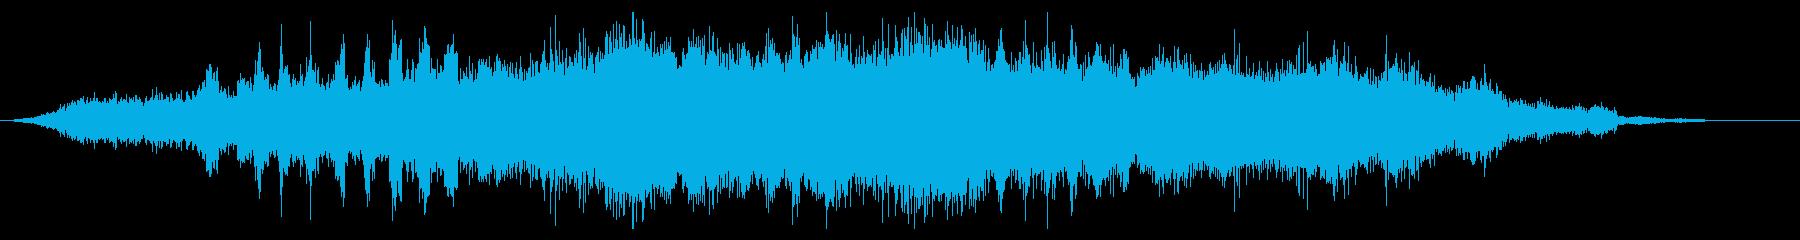 ホラー:ゴーストの顕現の再生済みの波形